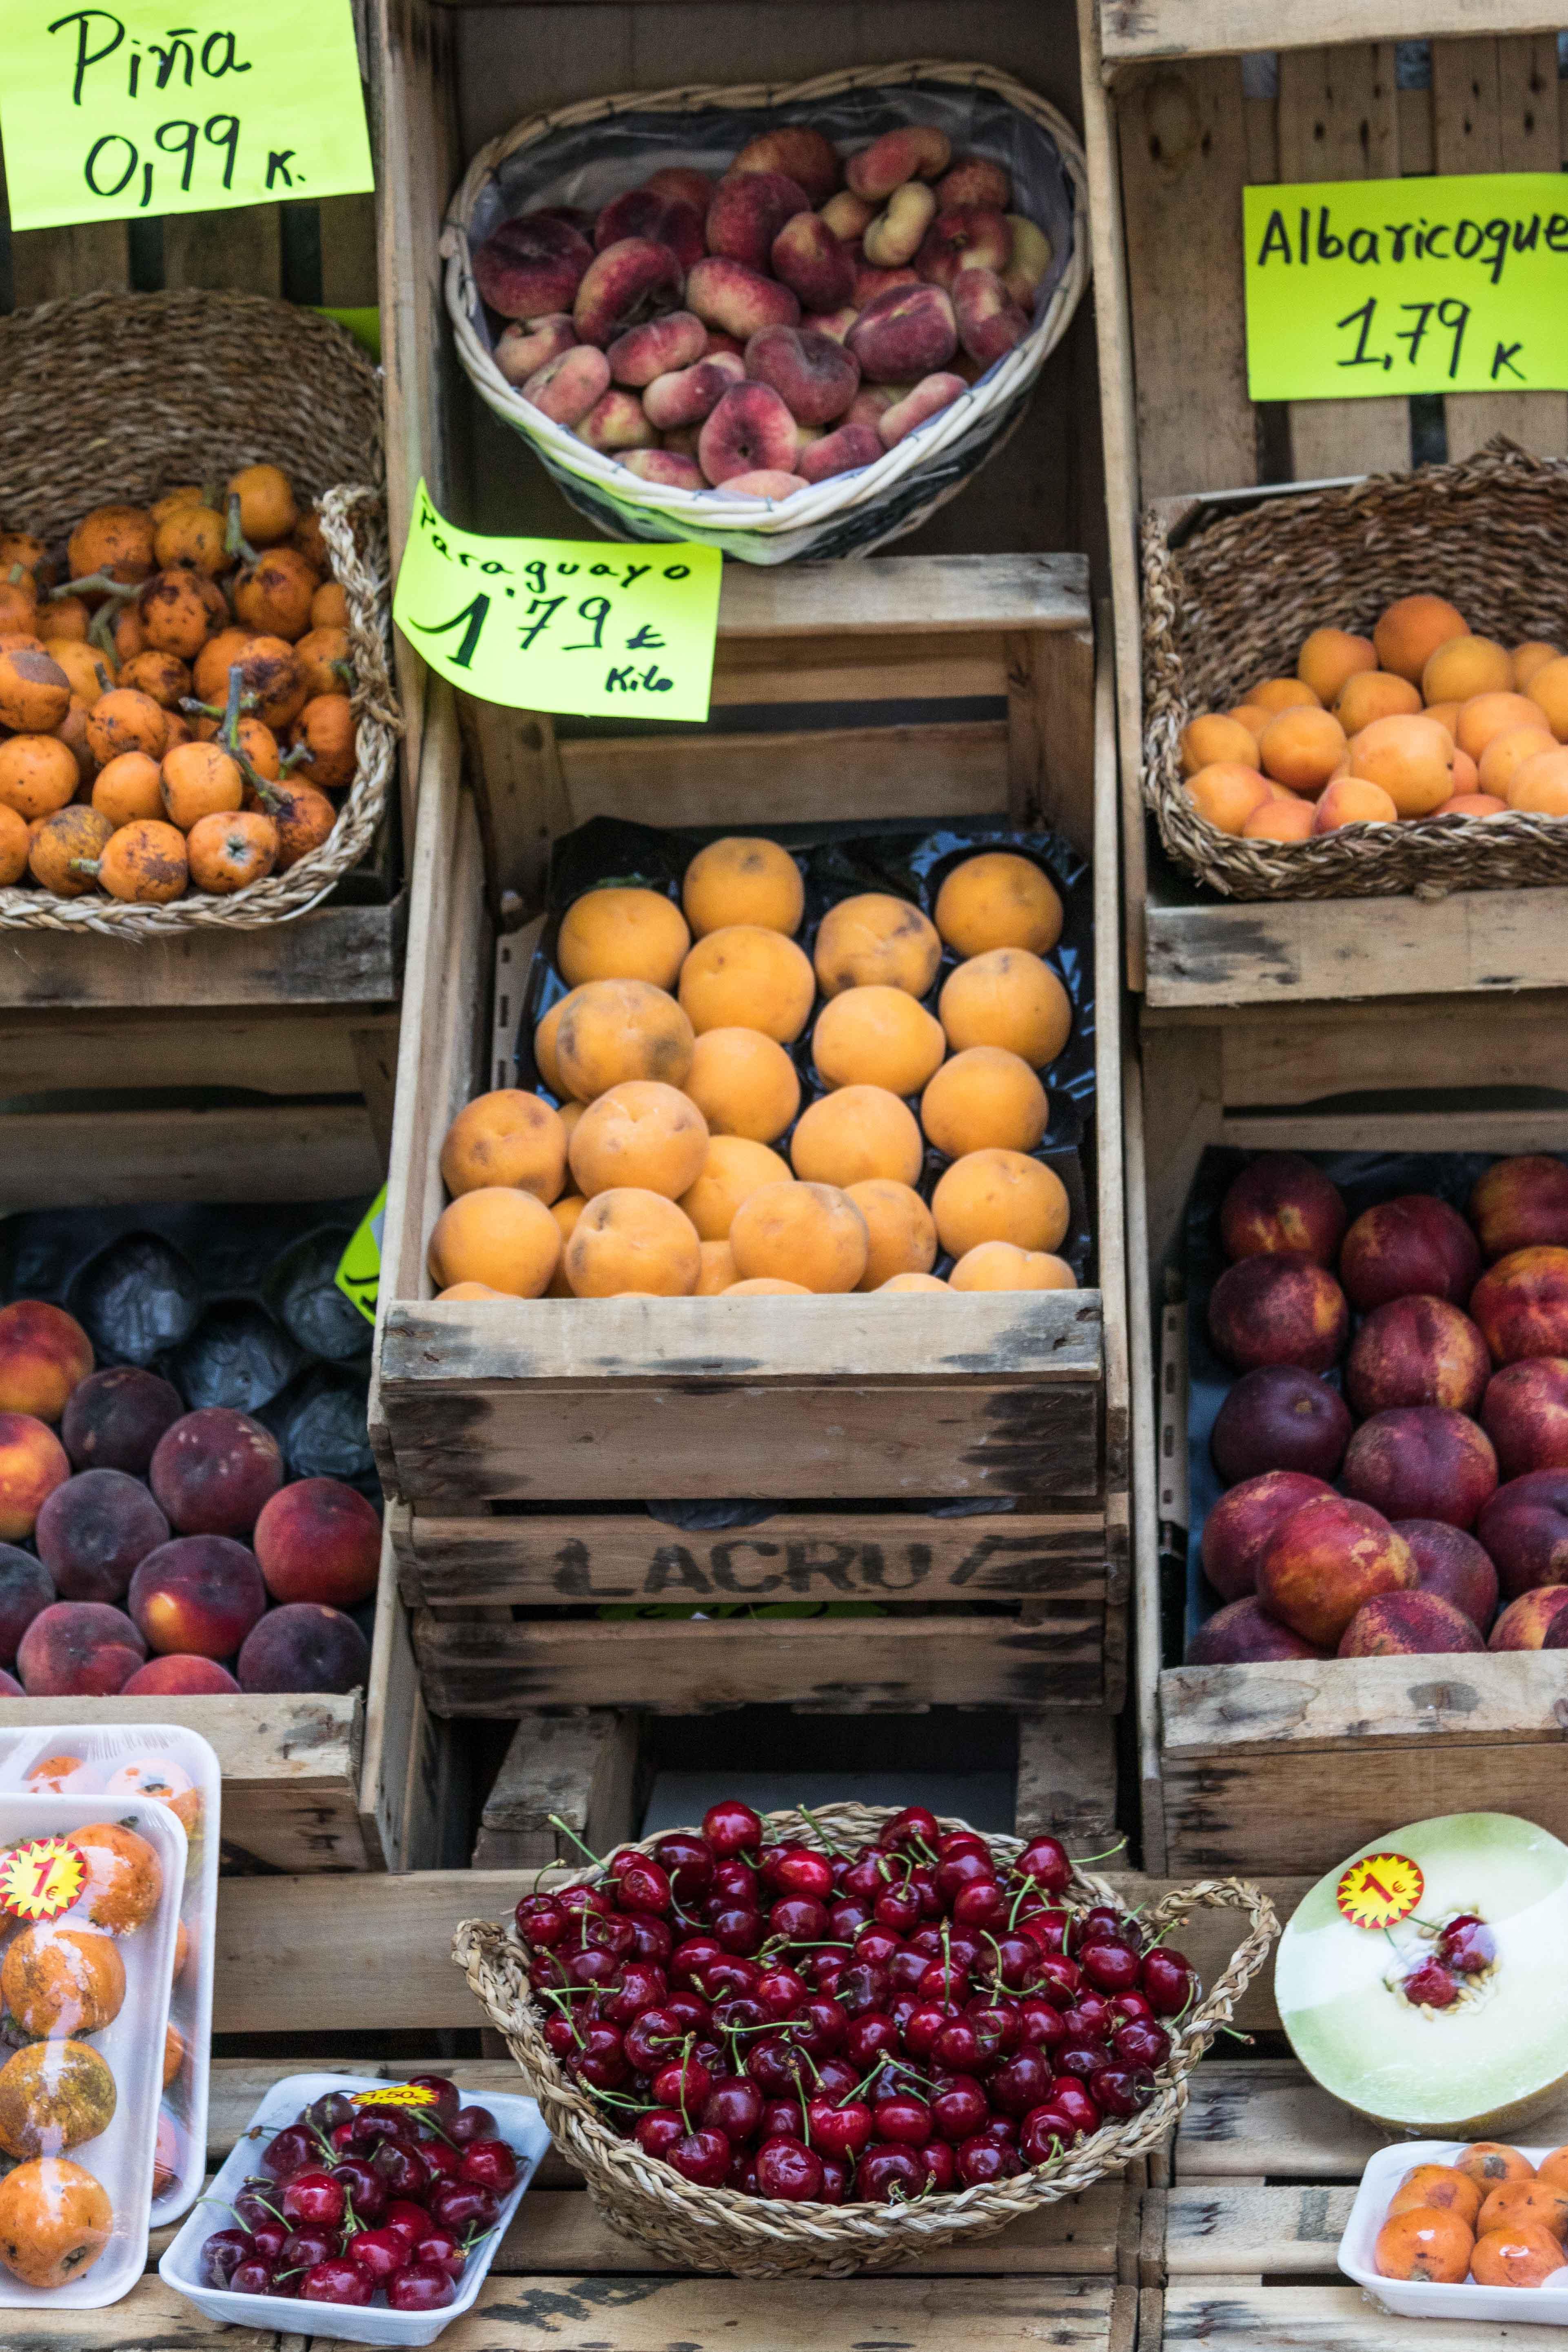 Farmers market stand in Barcelona, Spain. #farmersmarket #farmstand #freshproduce | https://www.roseclearfield.com